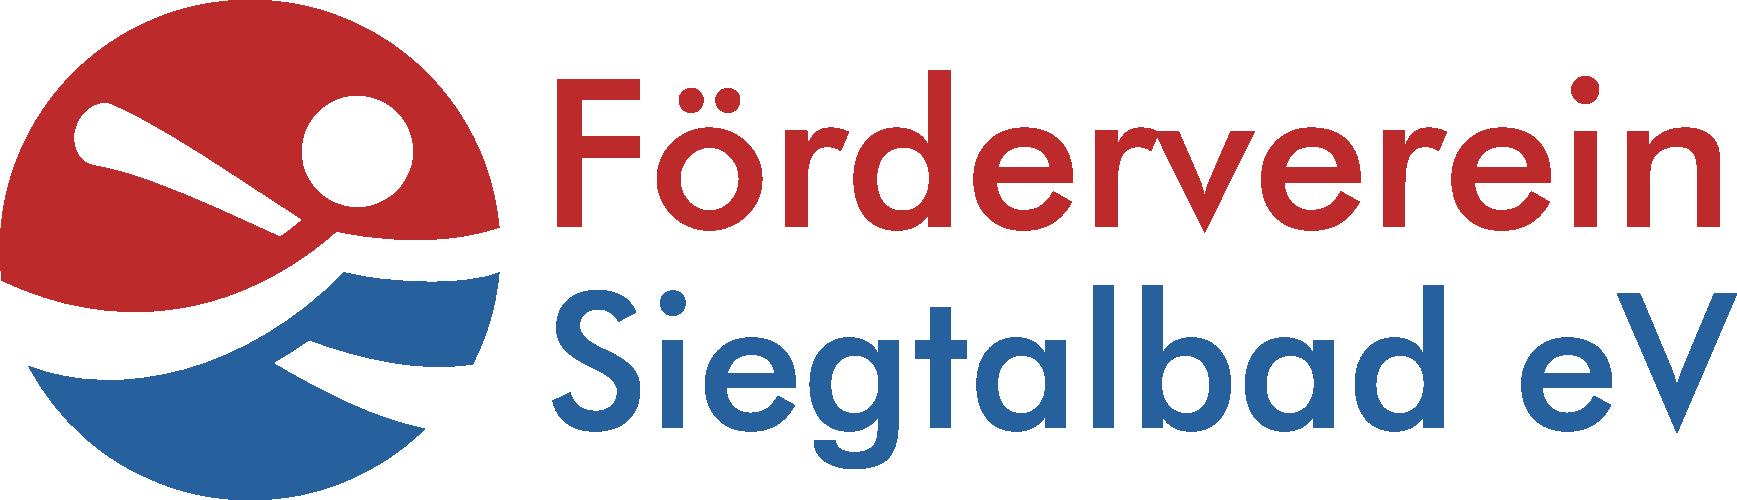 Förderverein Siegtalbad eV